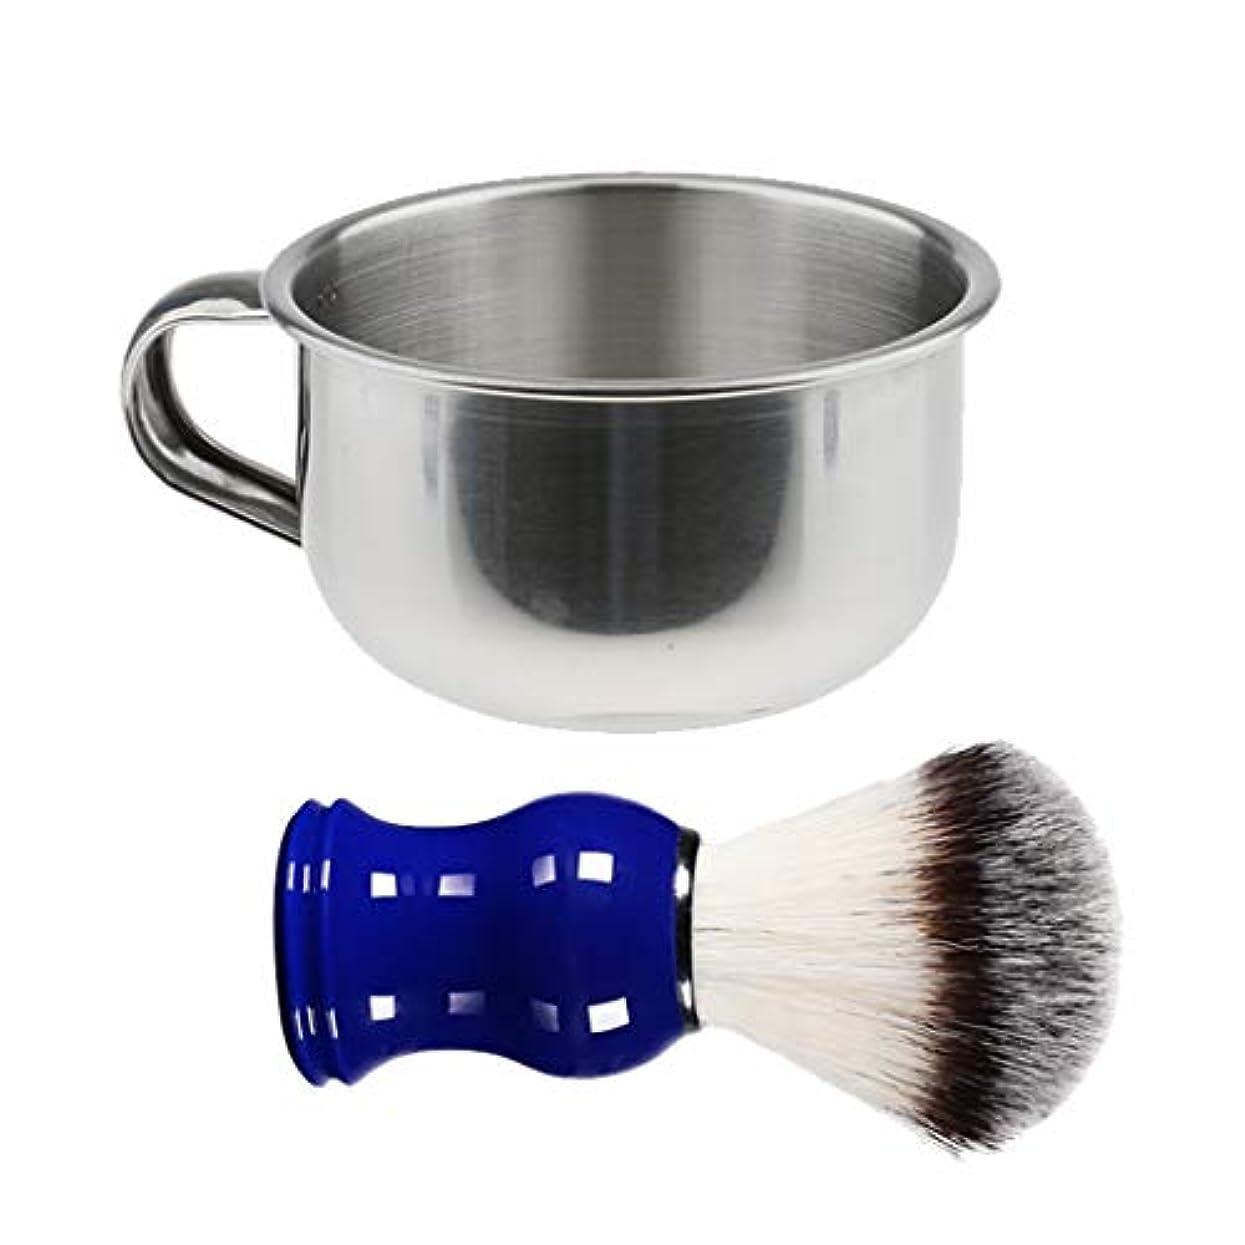 に変わる楽しいこのシェービングボウル ステンレス製 シェービング用ブラシ 理容 洗顔 髭剃り メンズ アクセサリー